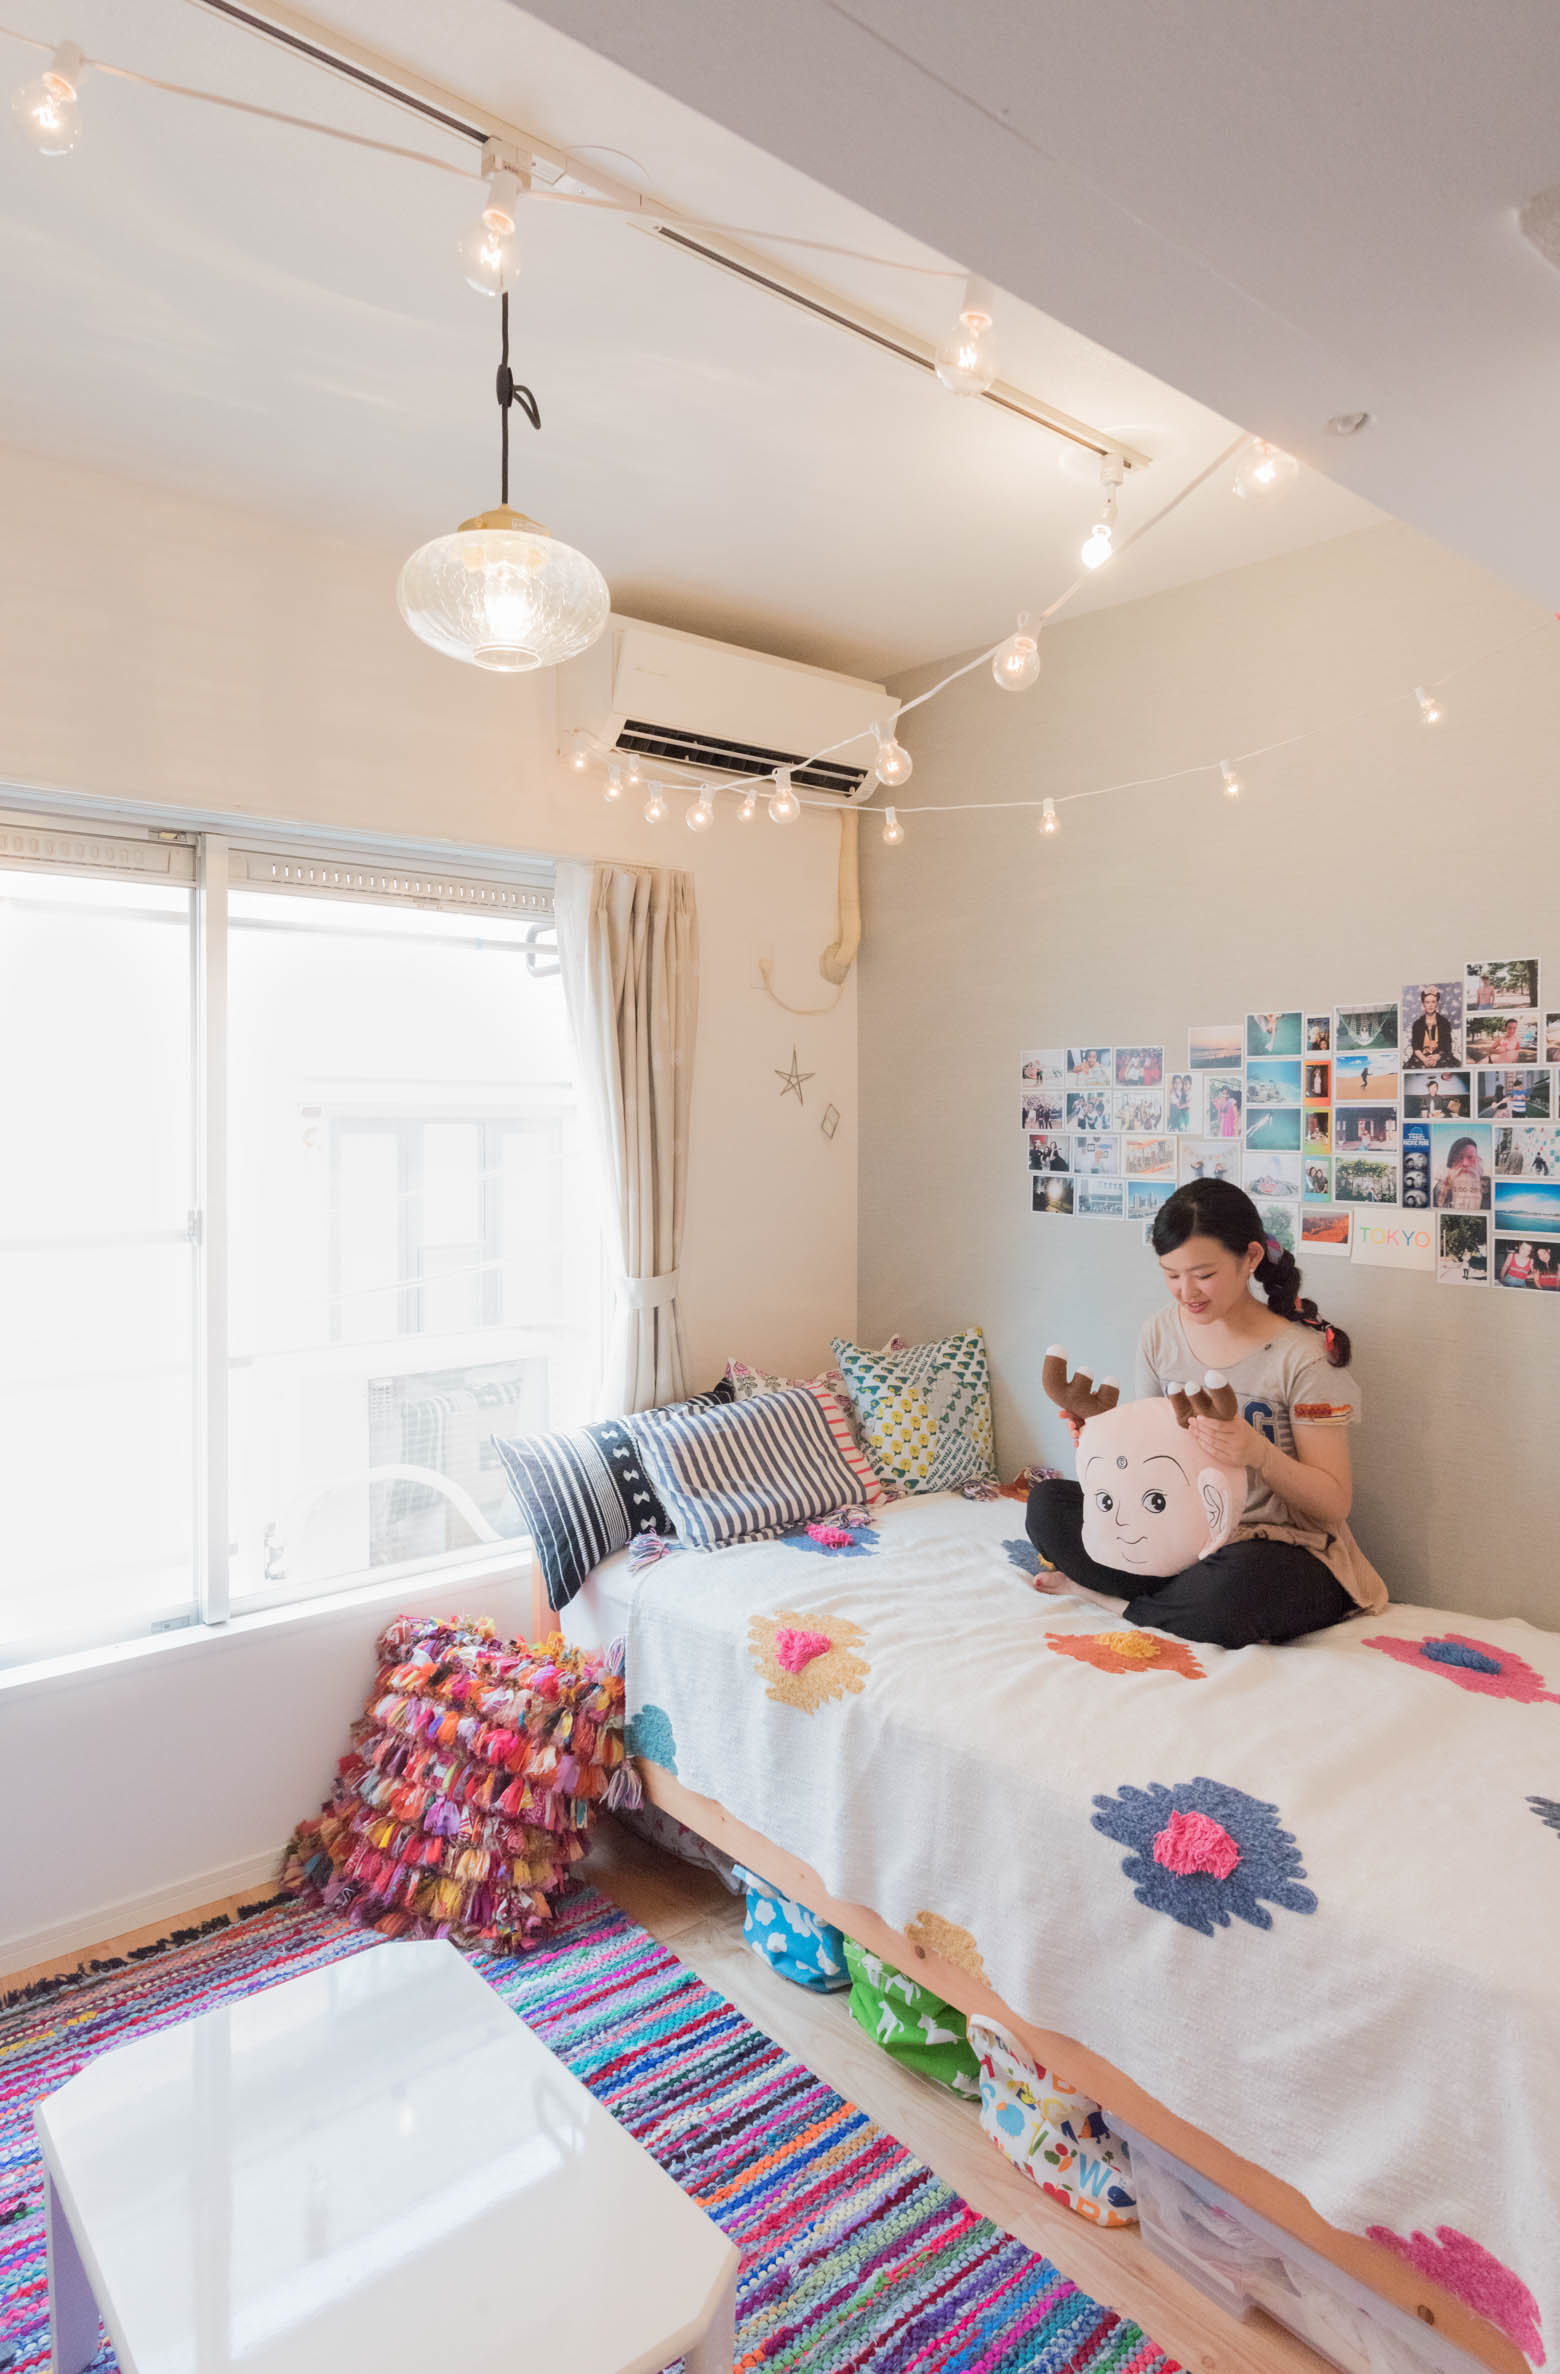 カラフルでキュートな部屋。部屋にいるときに寛ぐ場所に座ってみてください、とお願いしたらベッドの上で「せんとくん」クッションを膝の上に!